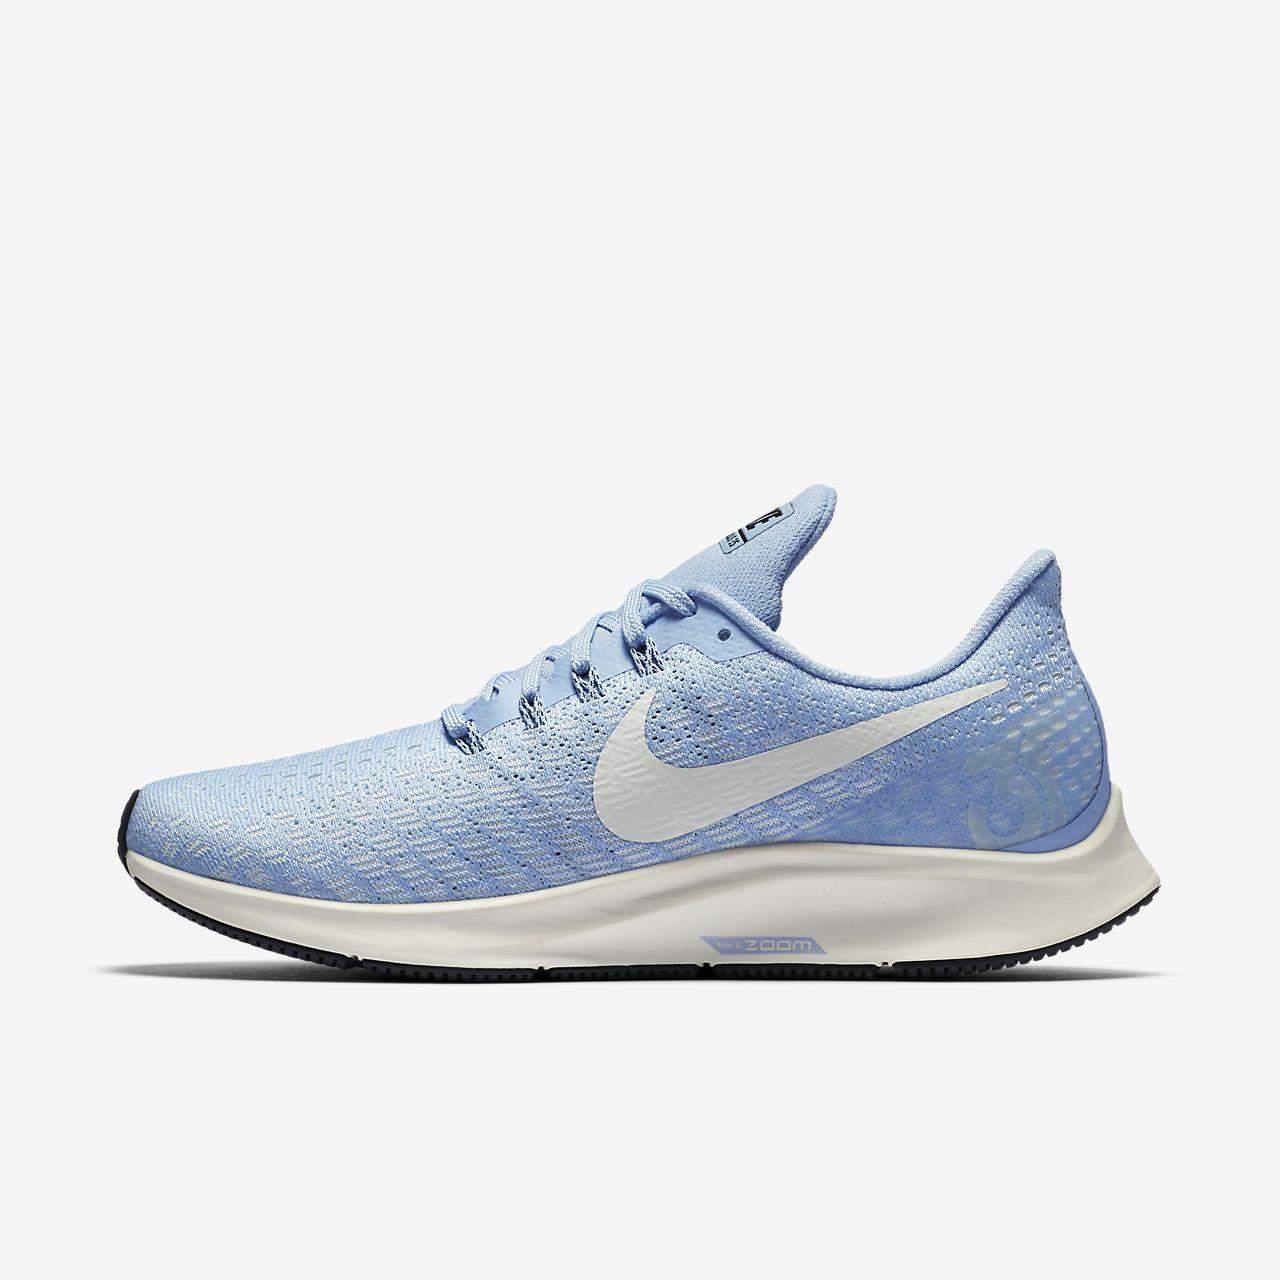 4b30c8512e06 Nike Air Zoom Pegasus 35 Women s Running Shoe. Nike.com CH